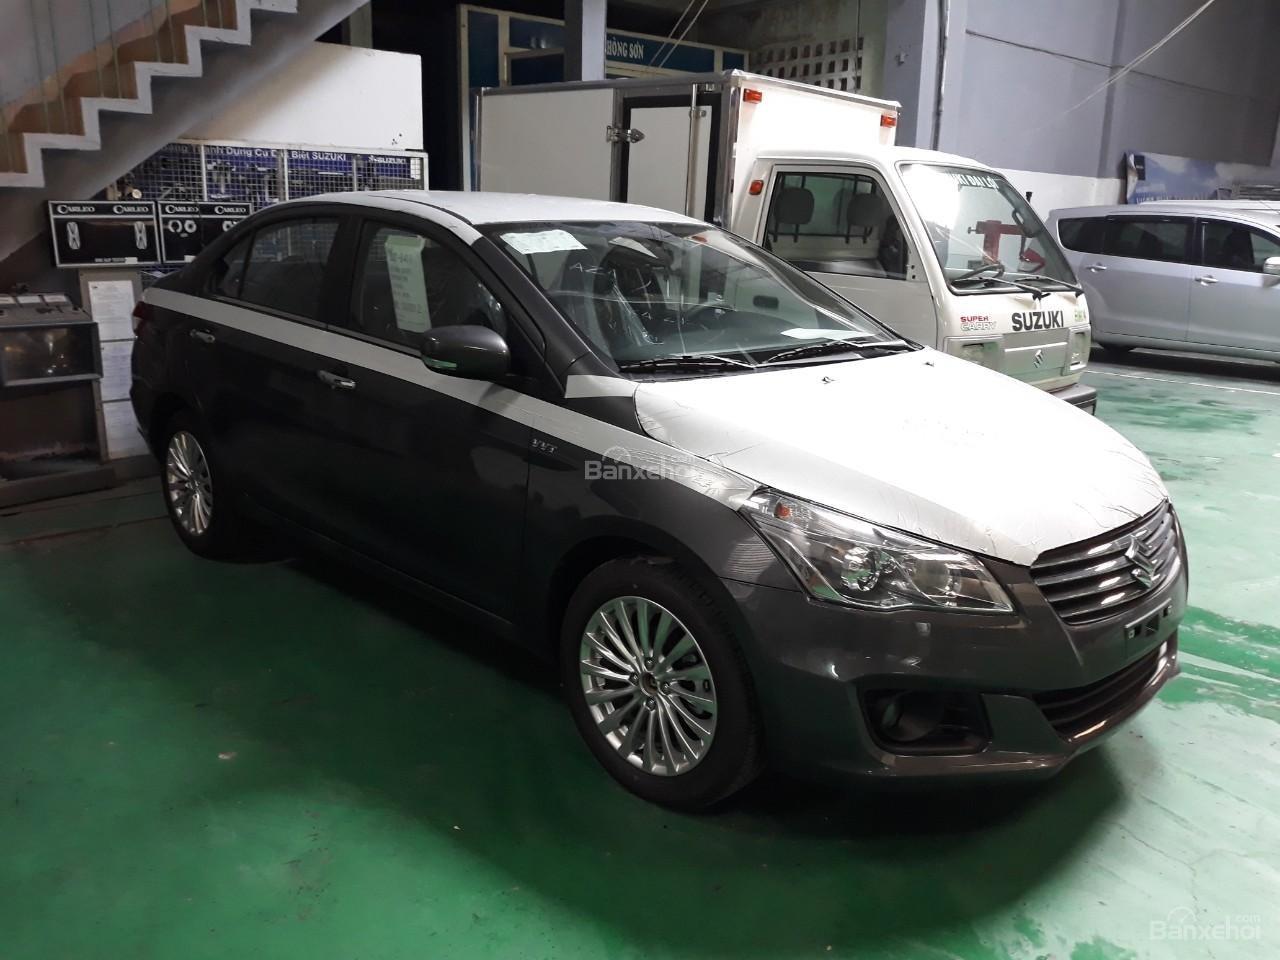 Bán Suzuki Ciaz AT 2019, nhập khẩu, thanh lịch sang trọng (6)